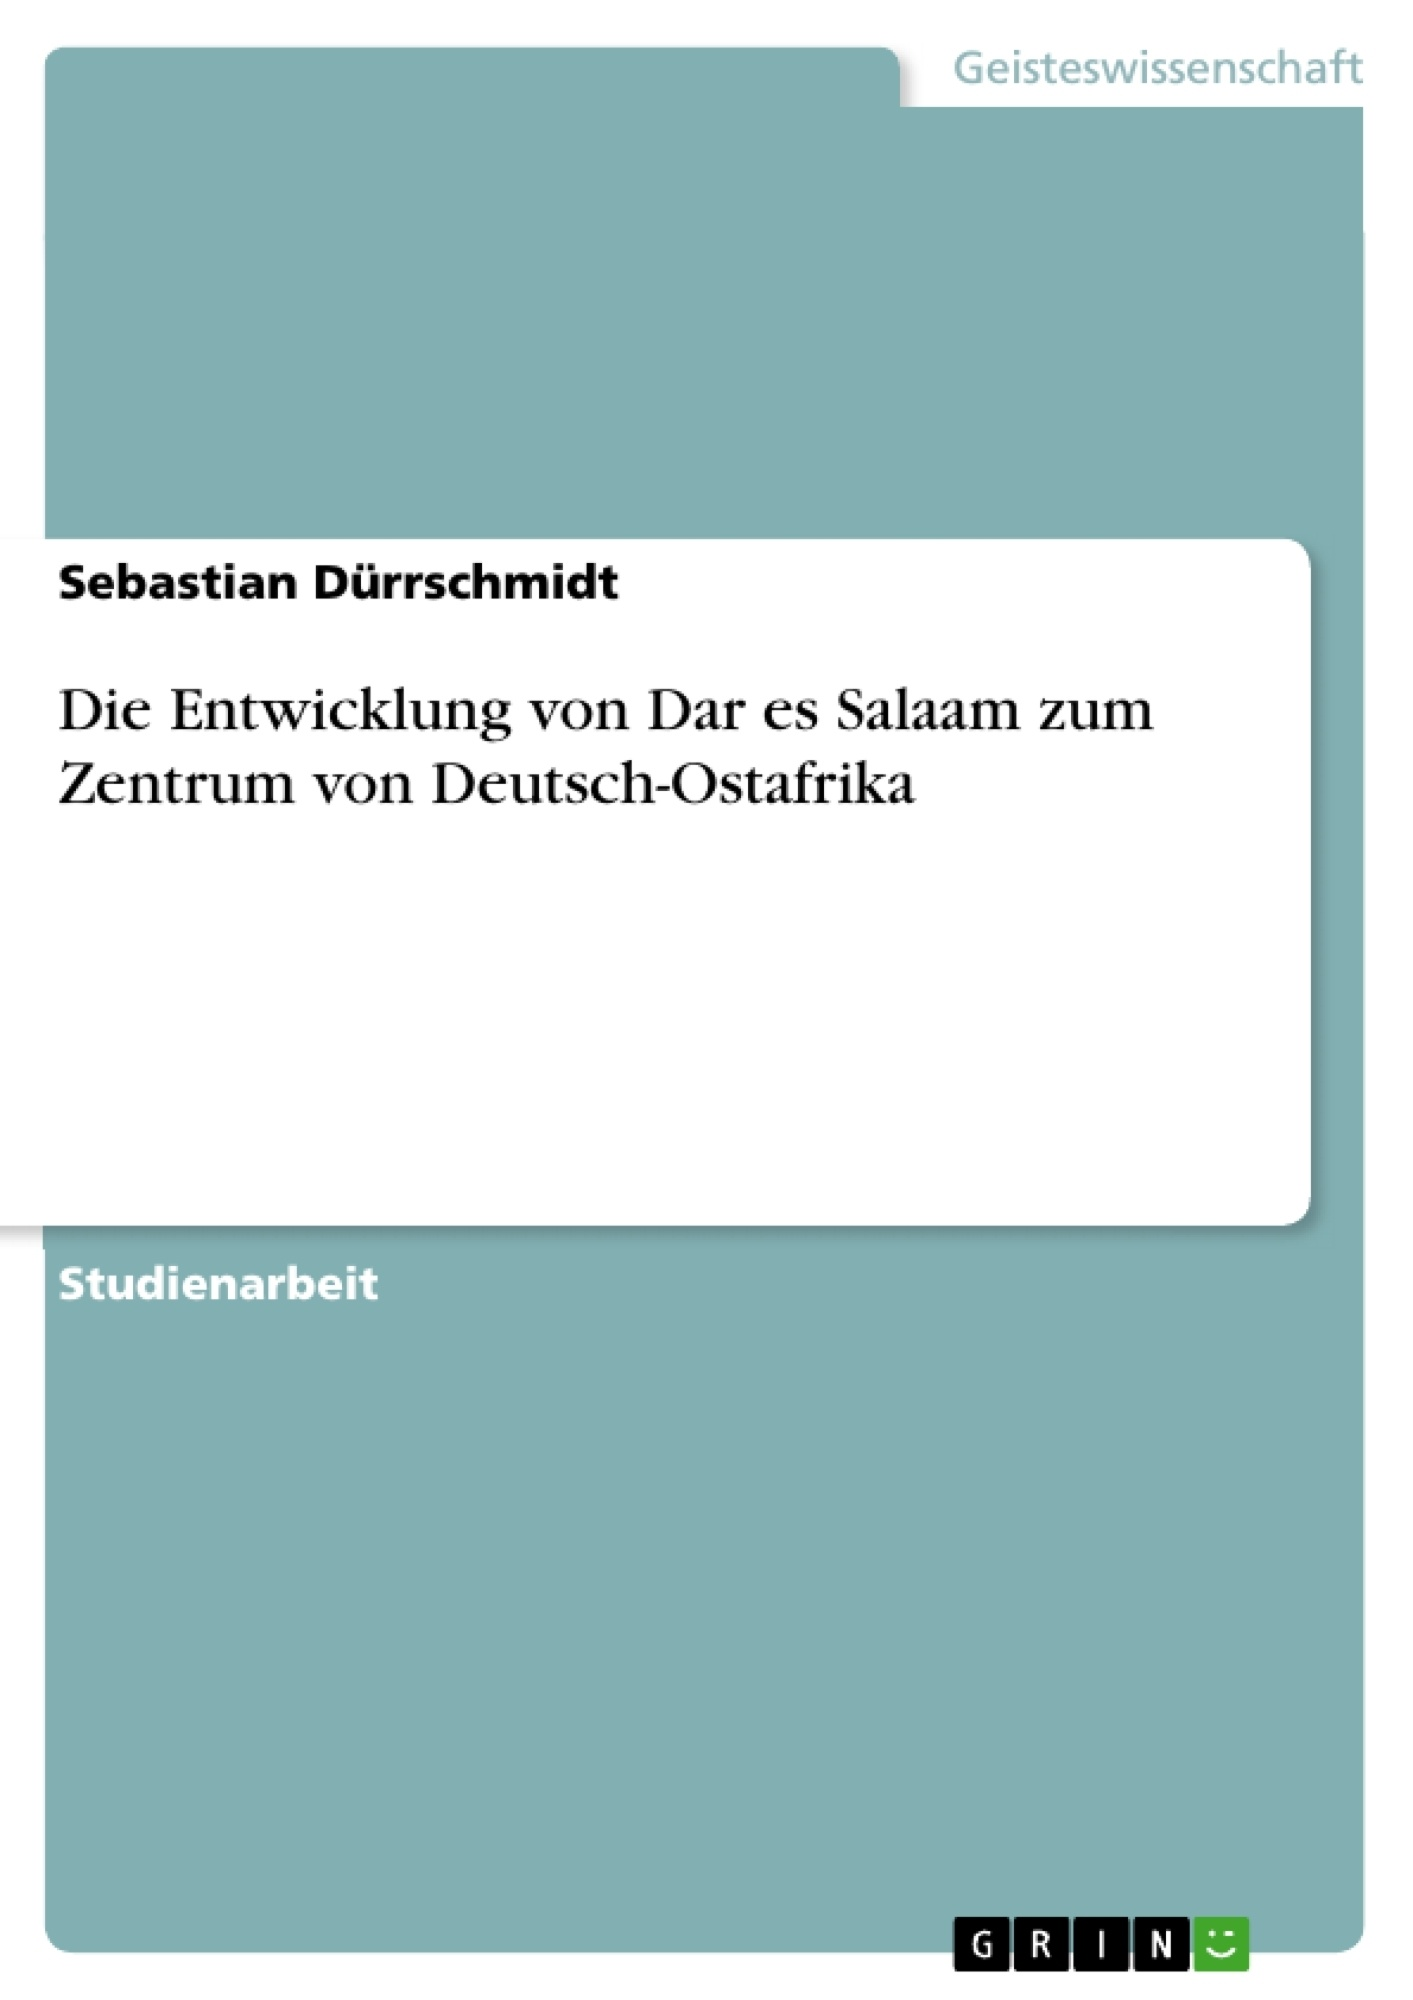 Titel: Die Entwicklung von Dar es Salaam zum Zentrum von Deutsch-Ostafrika